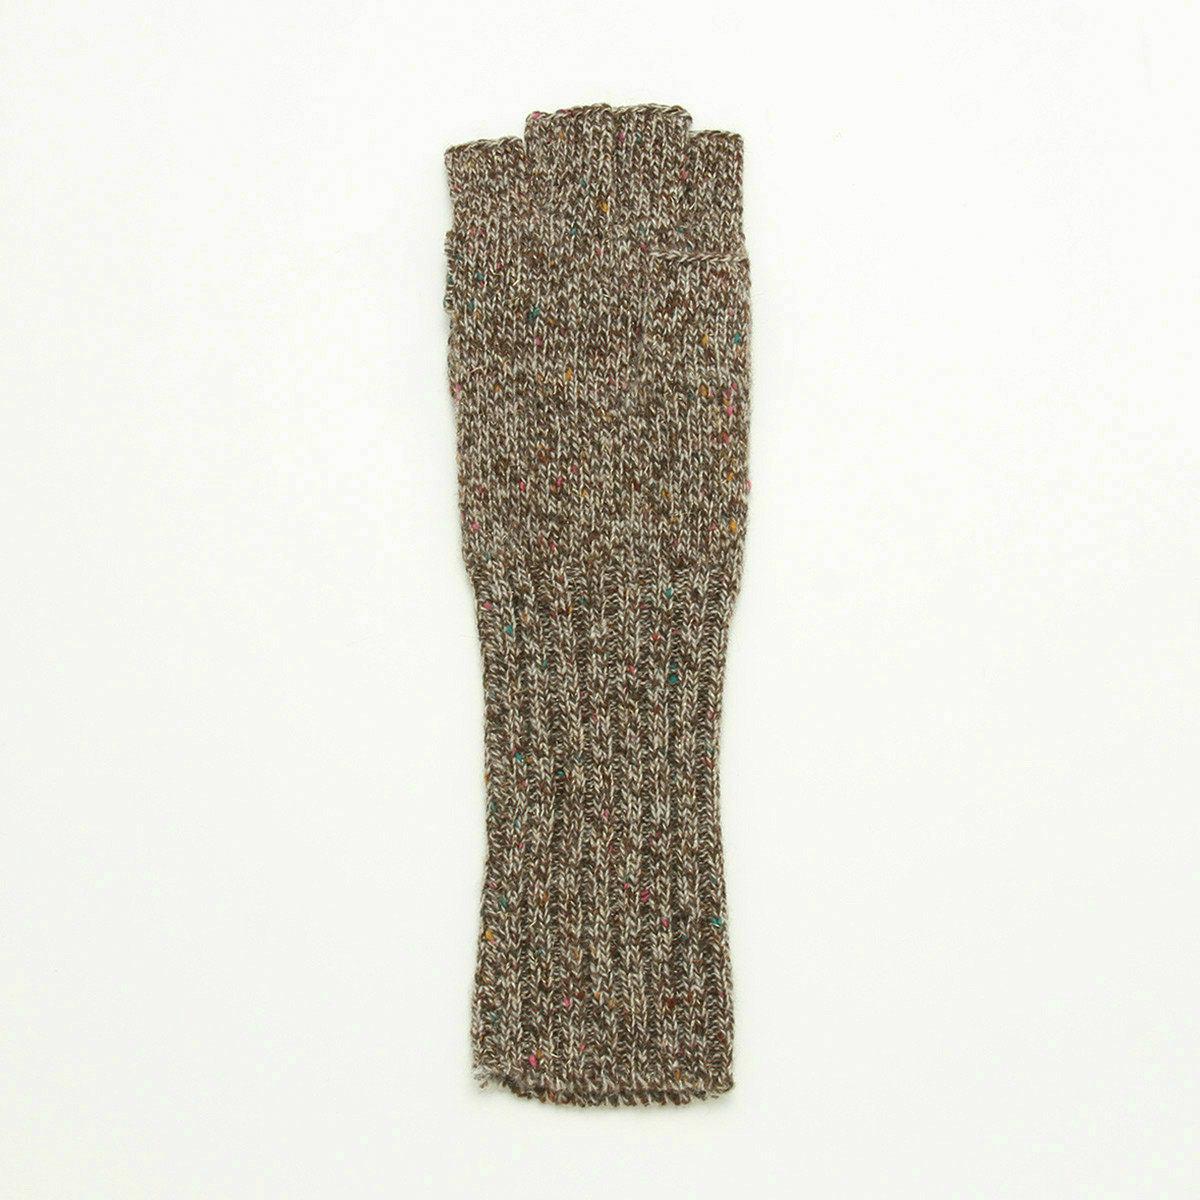 アルタクラッセ レディース 指切り・フード付 スマホ対応 2WAY ニット手袋 フリーサイズ 全3色